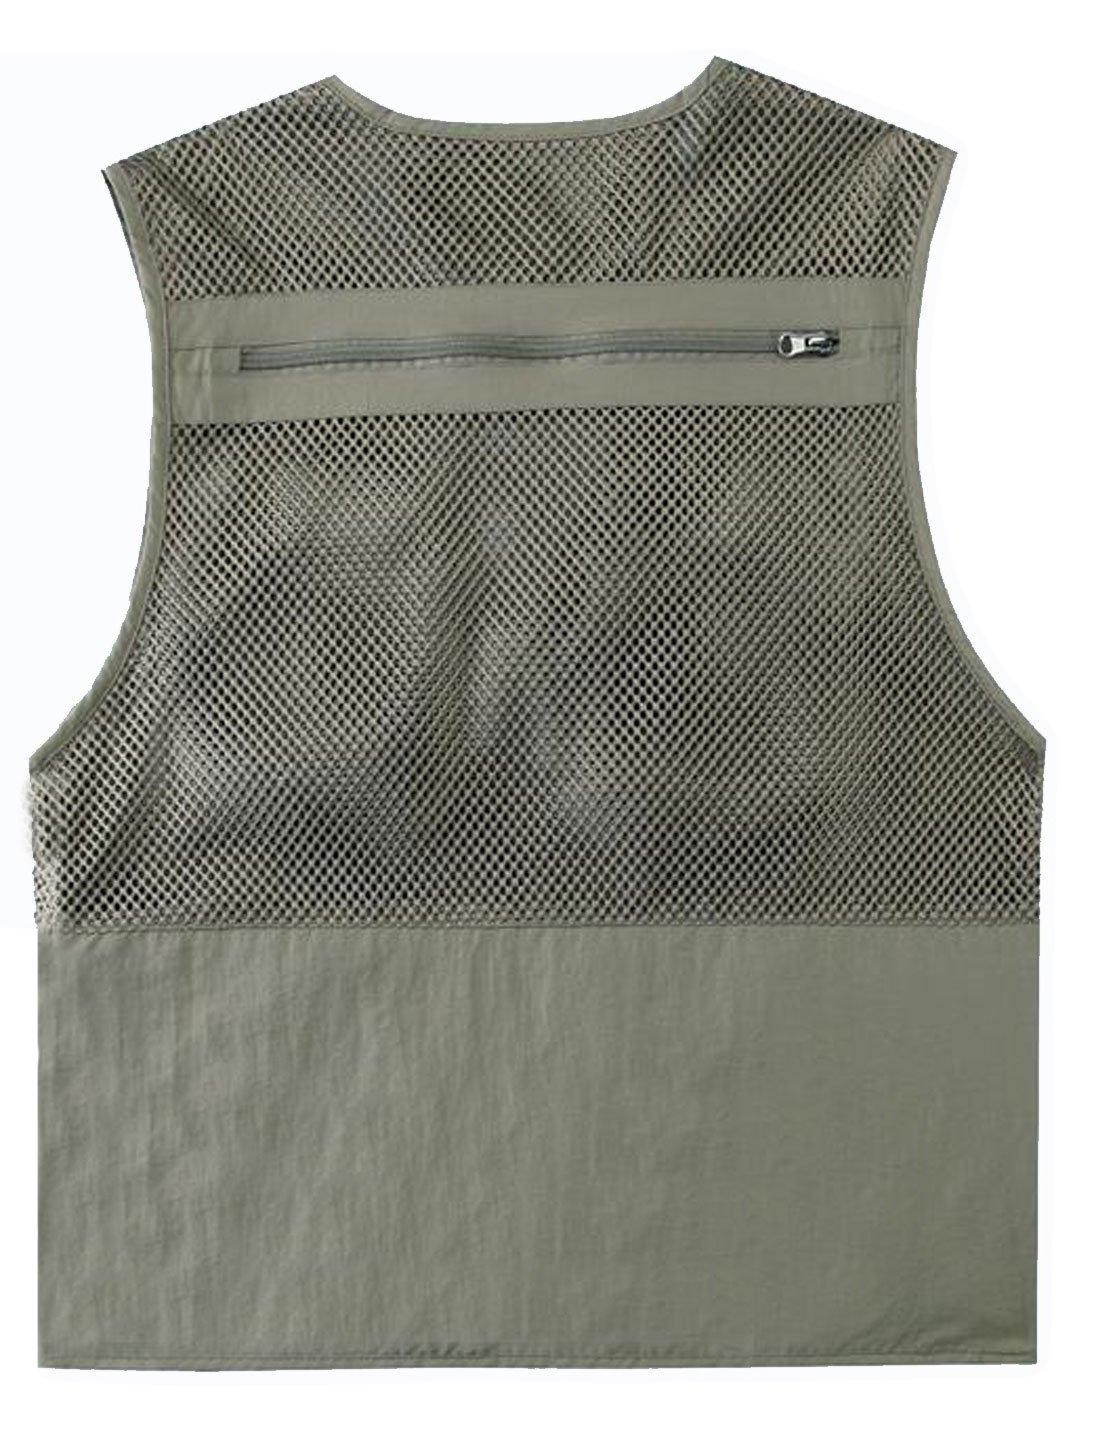 Zhusheng Men's Mesh 16 Pockets Photography Fishing Travel Outdoor Quick Dry Vest Breathable Waistcoat Jackets (XX-Large, Light Khaki) by Zhusheng (Image #6)